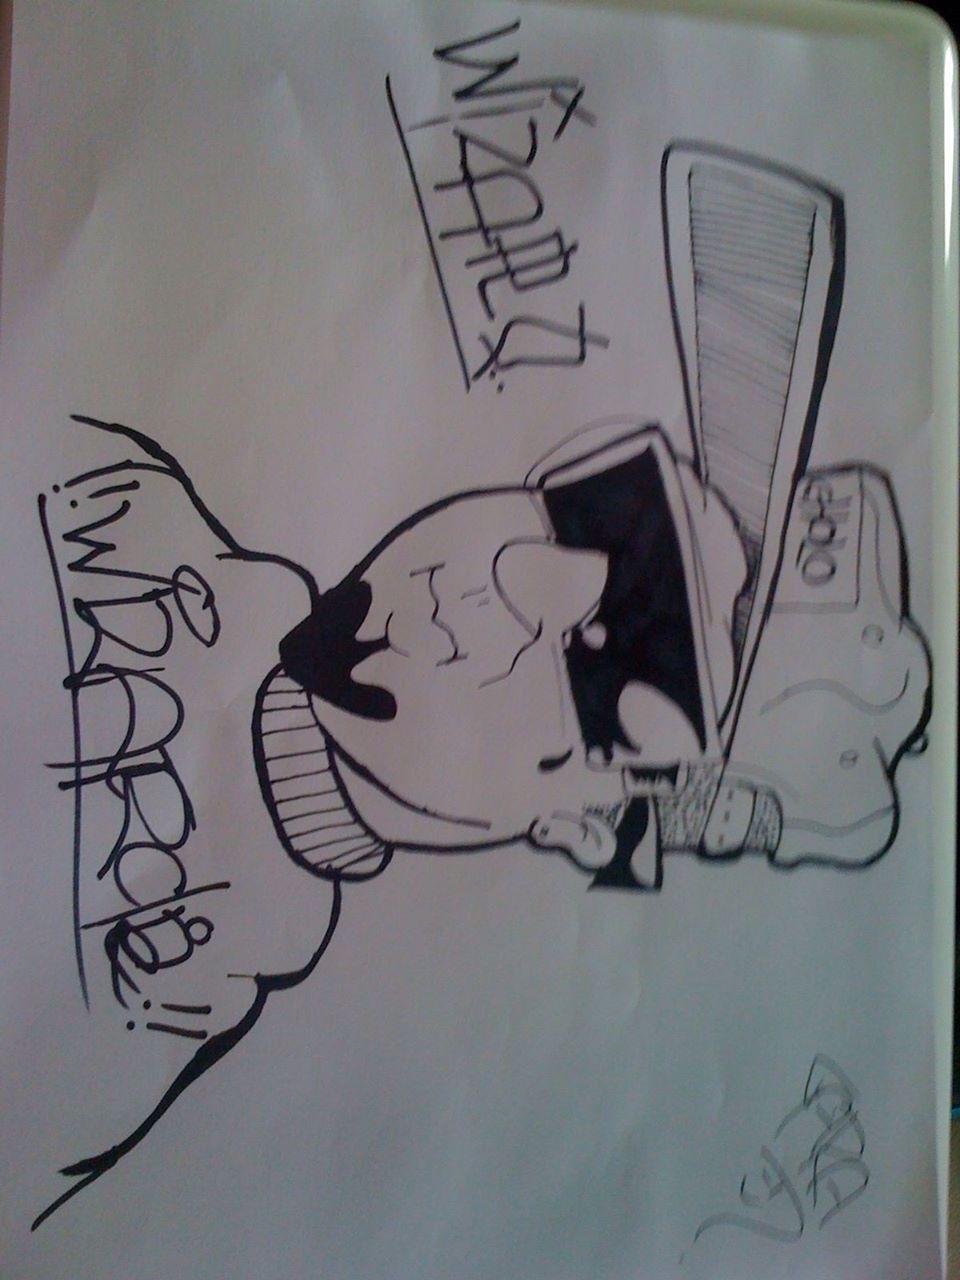 graffiti character